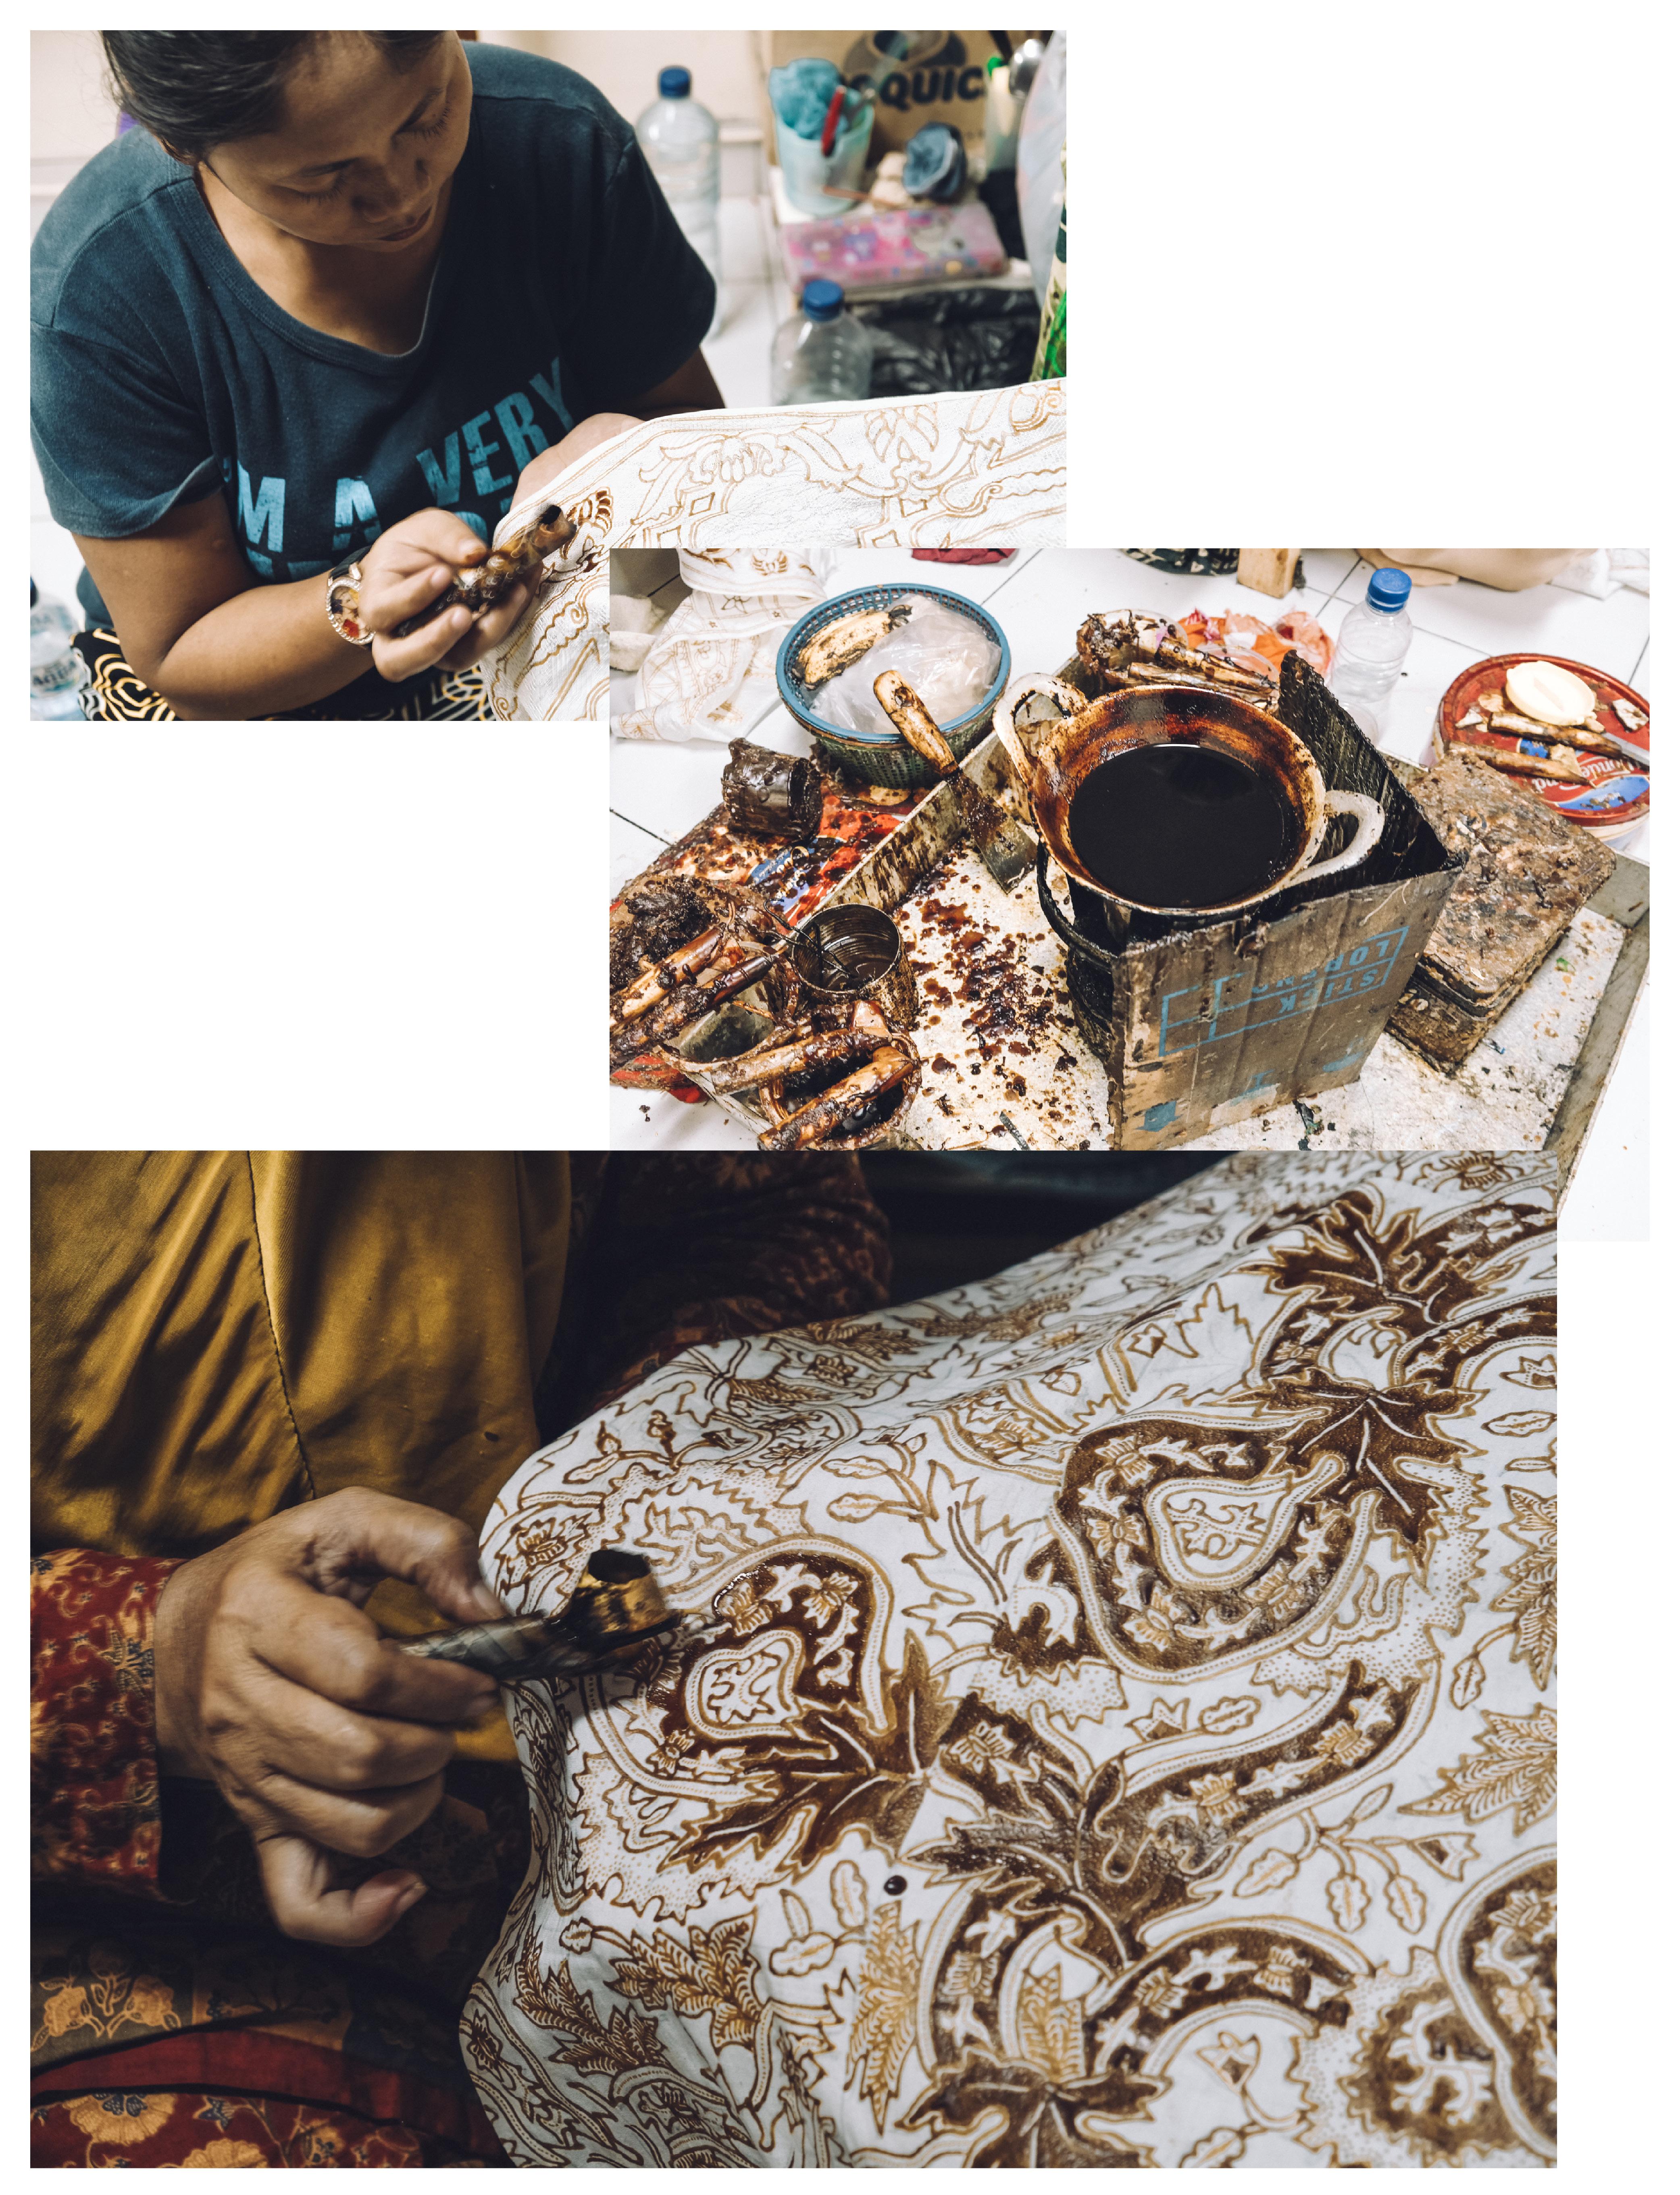 travel in indonesia: largest batik collection at Museum Batik Danar Hadi